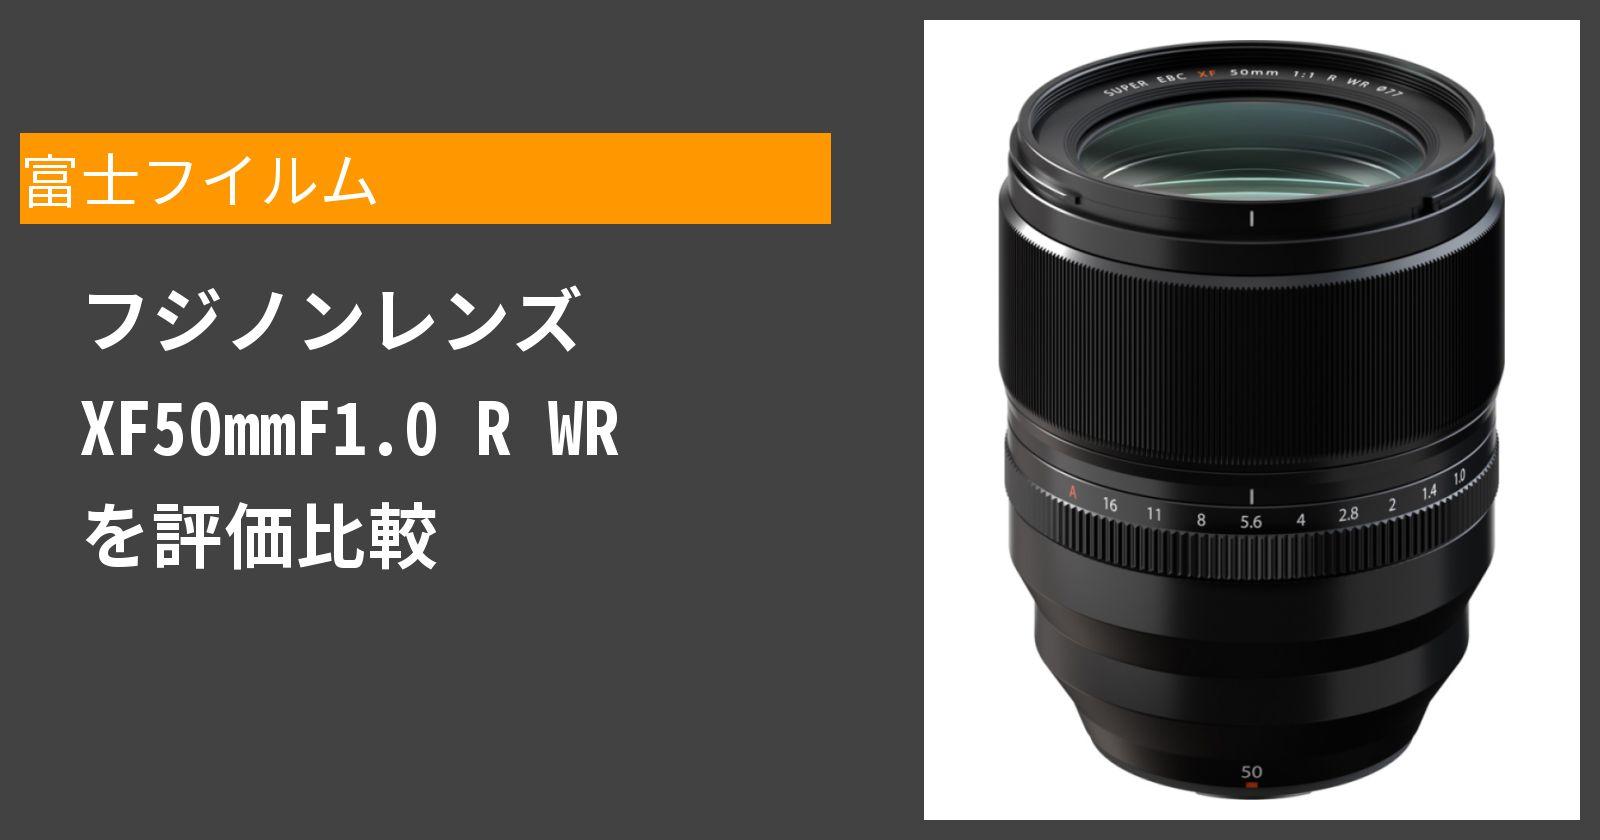 フジノンレンズ XF50mmF1.0 R WRを徹底評価